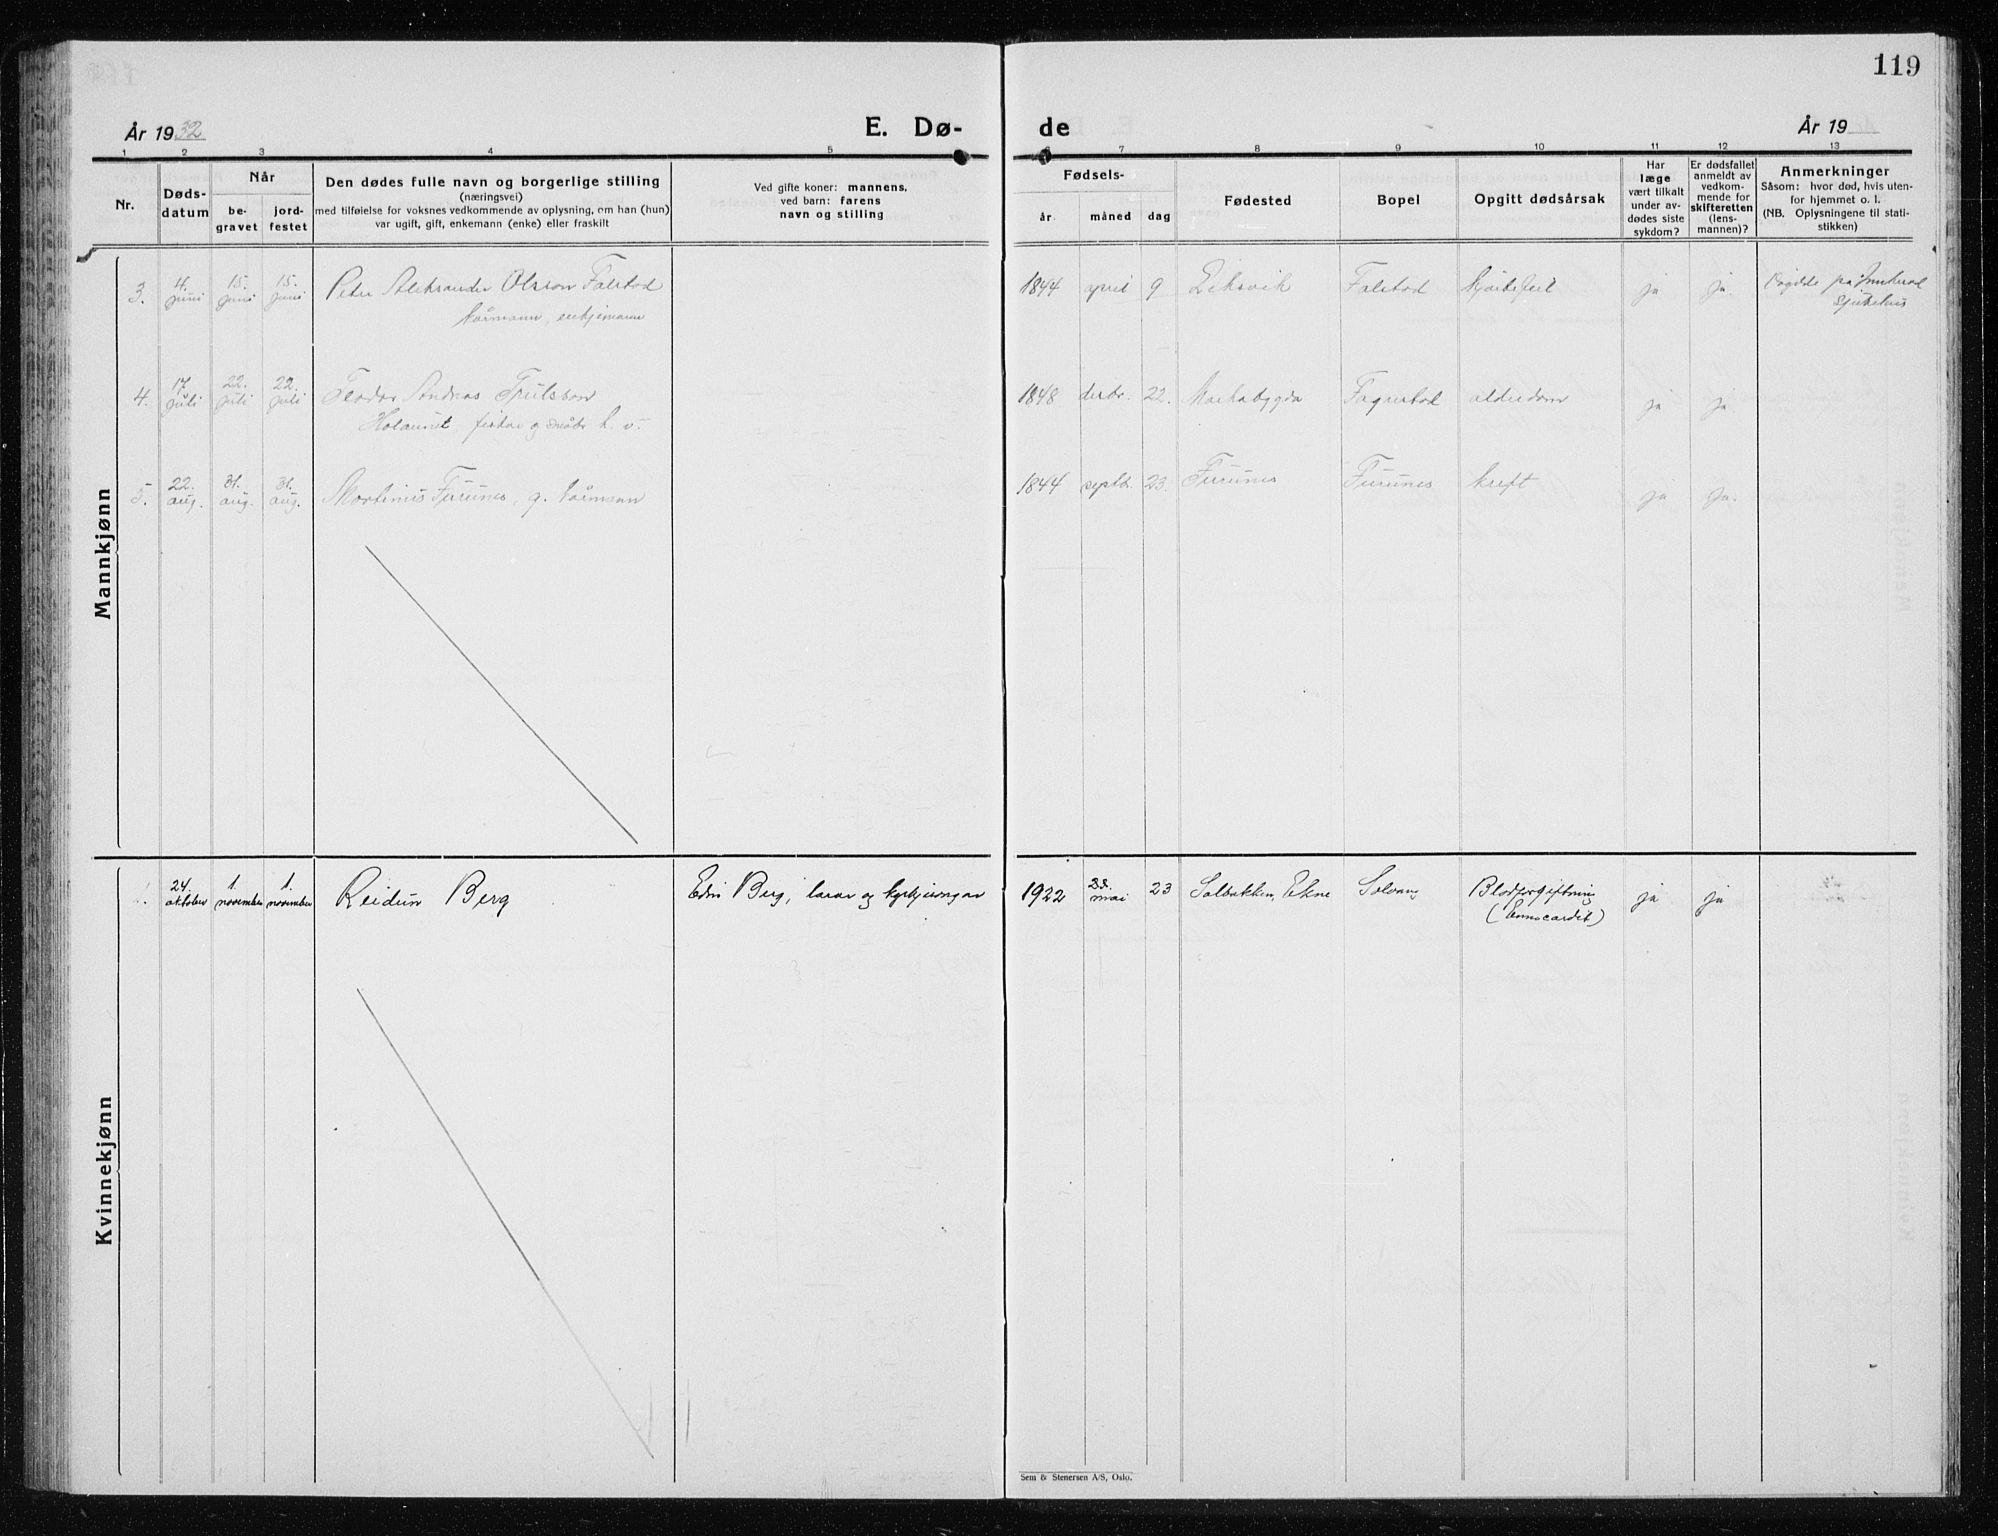 SAT, Ministerialprotokoller, klokkerbøker og fødselsregistre - Nord-Trøndelag, 719/L0180: Klokkerbok nr. 719C01, 1878-1940, s. 119